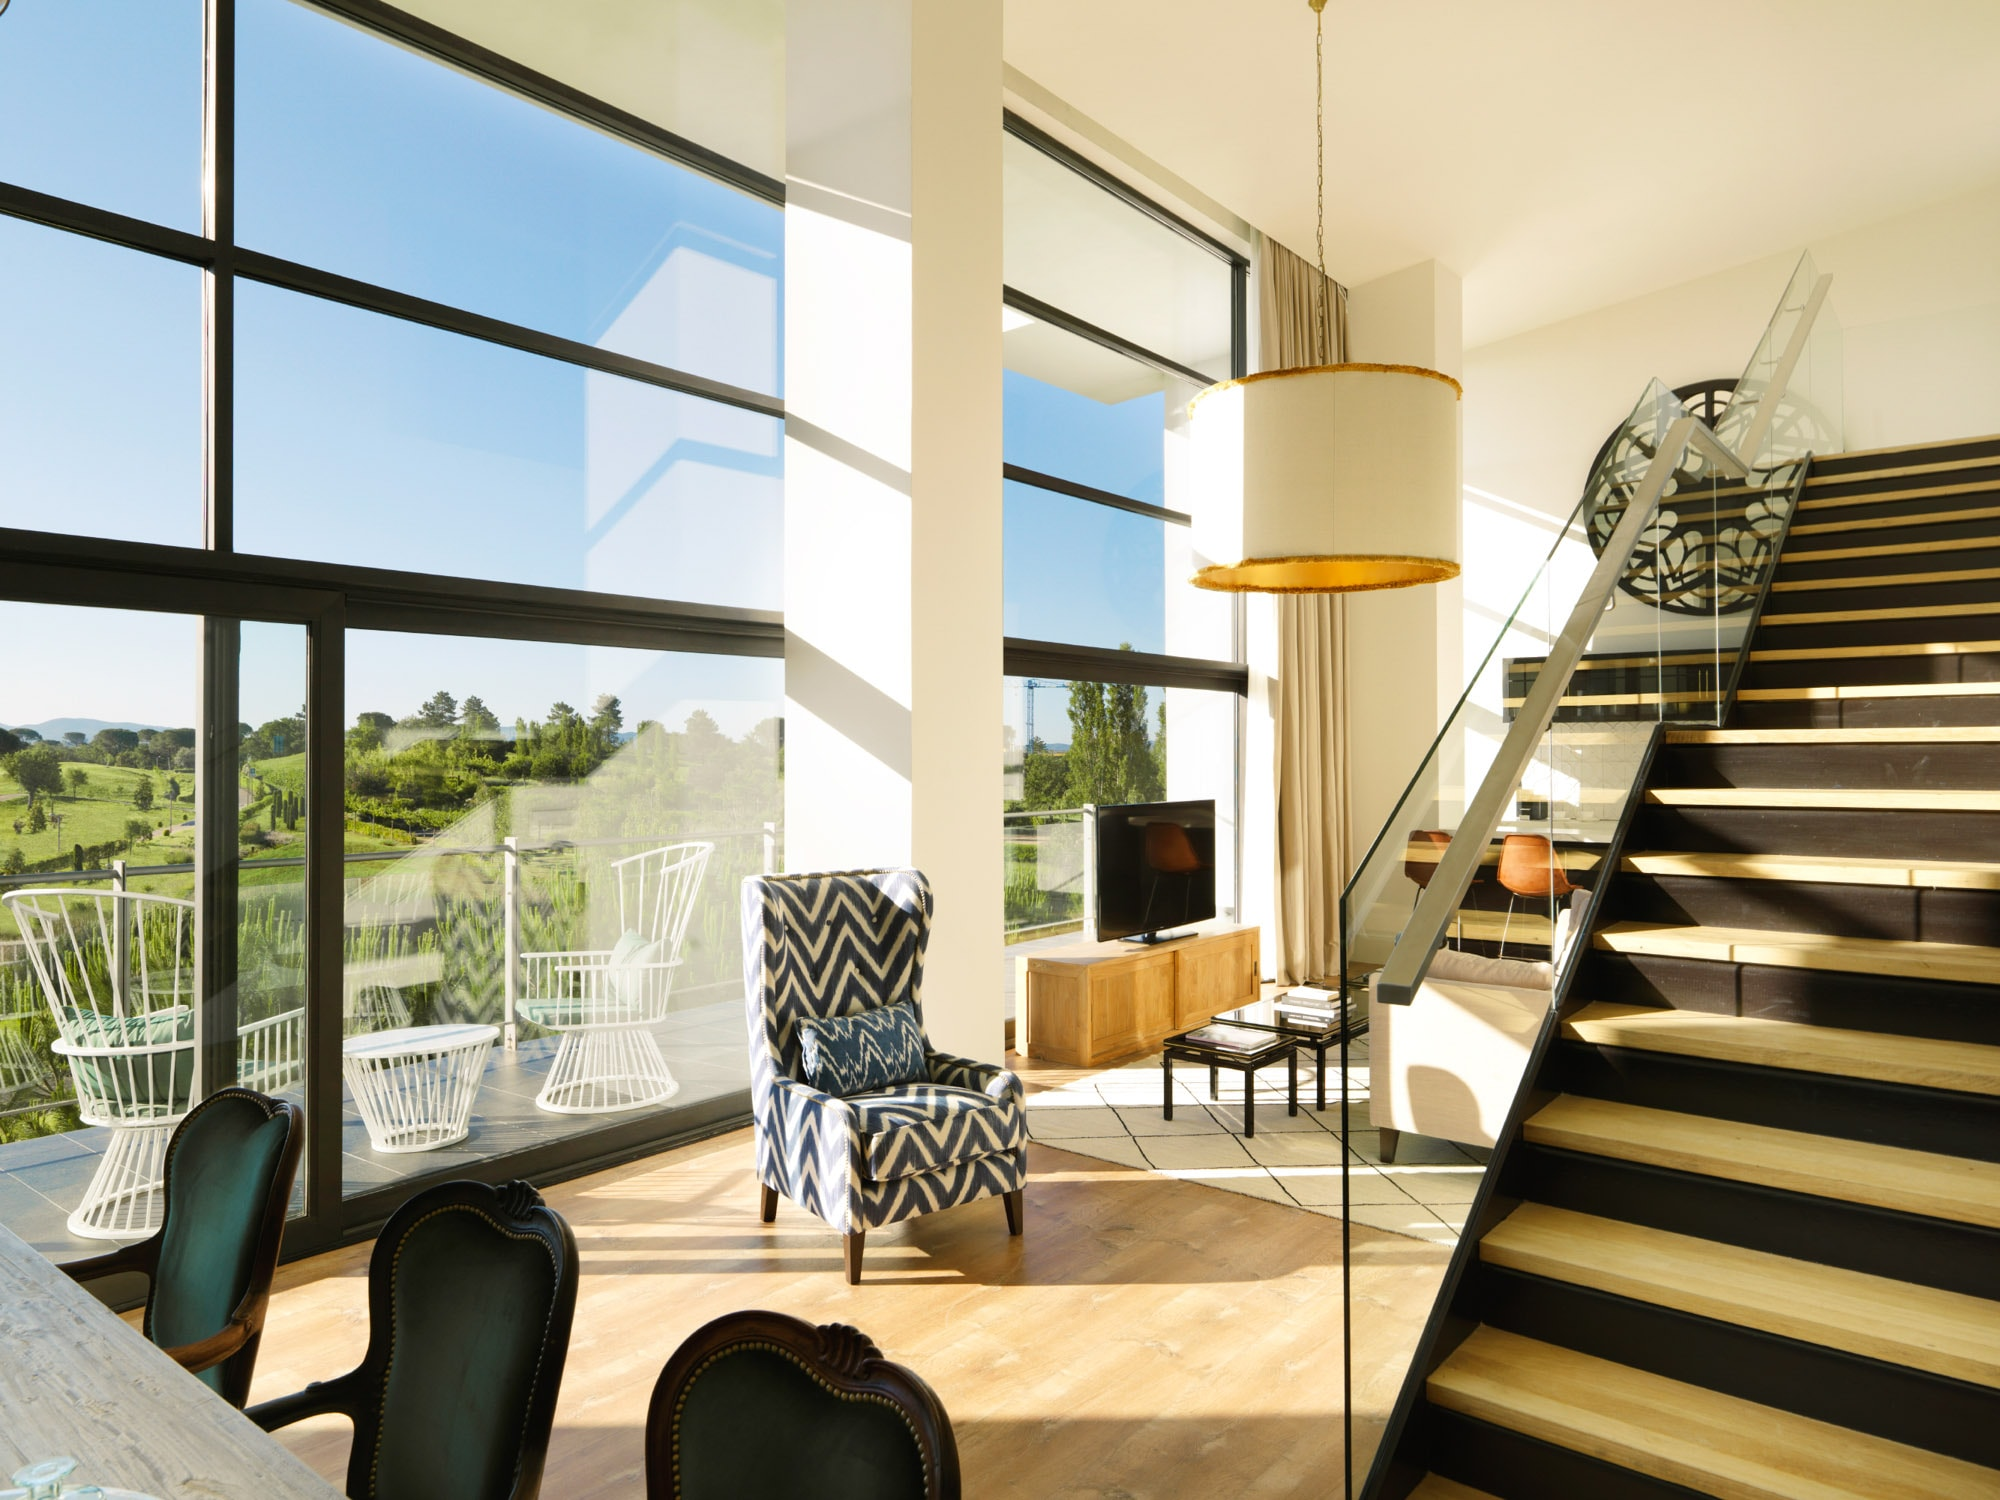 PGA Catalunya Resort: Setting für den Luxusurlaub, exklusiven Lifestyle und das Immobilien-Investment 3